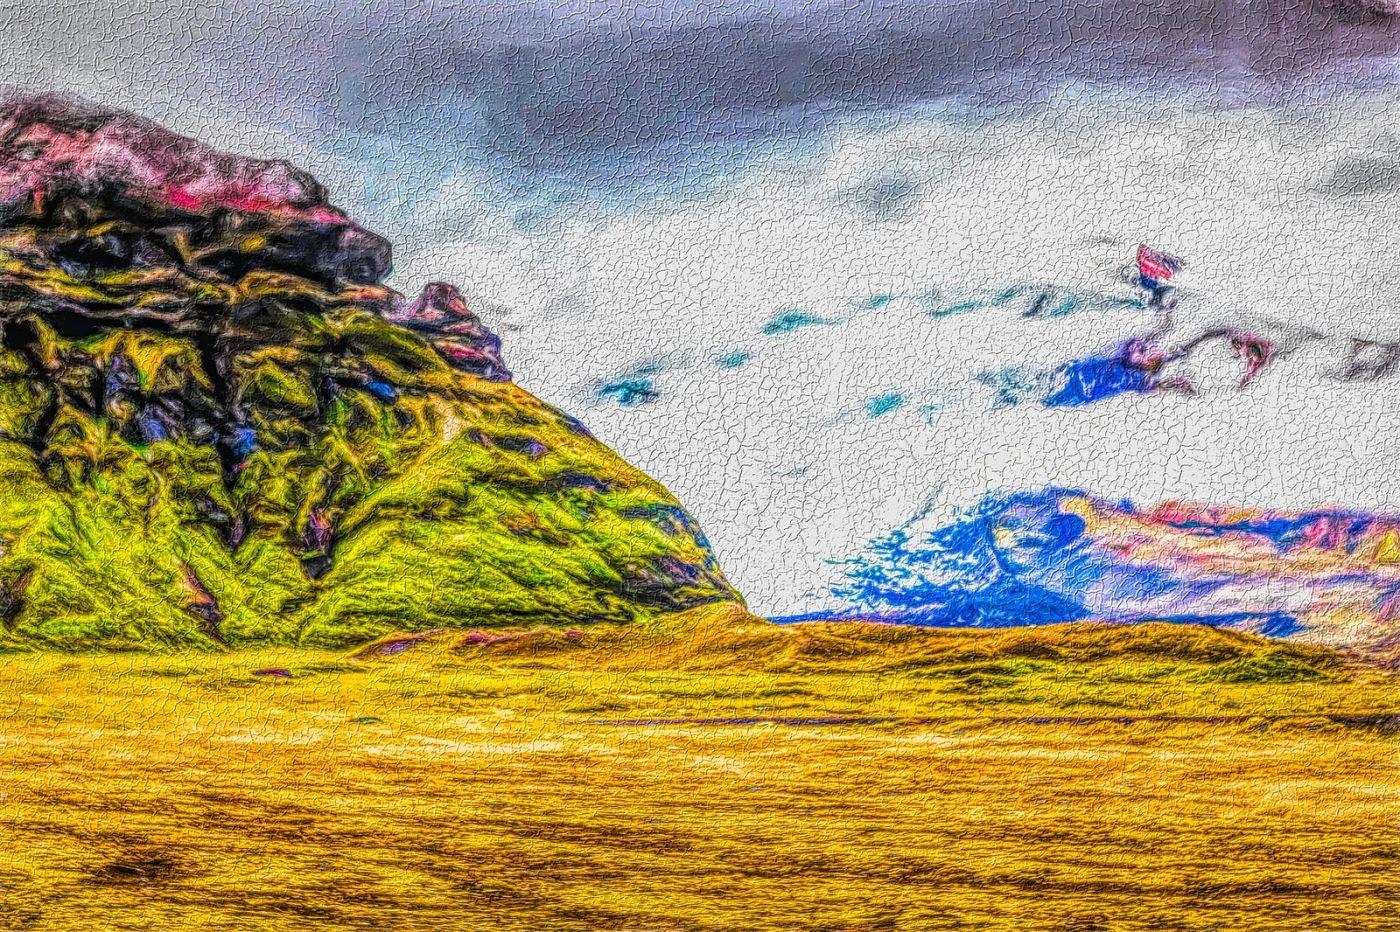 冰岛风采,新的感觉_图1-34